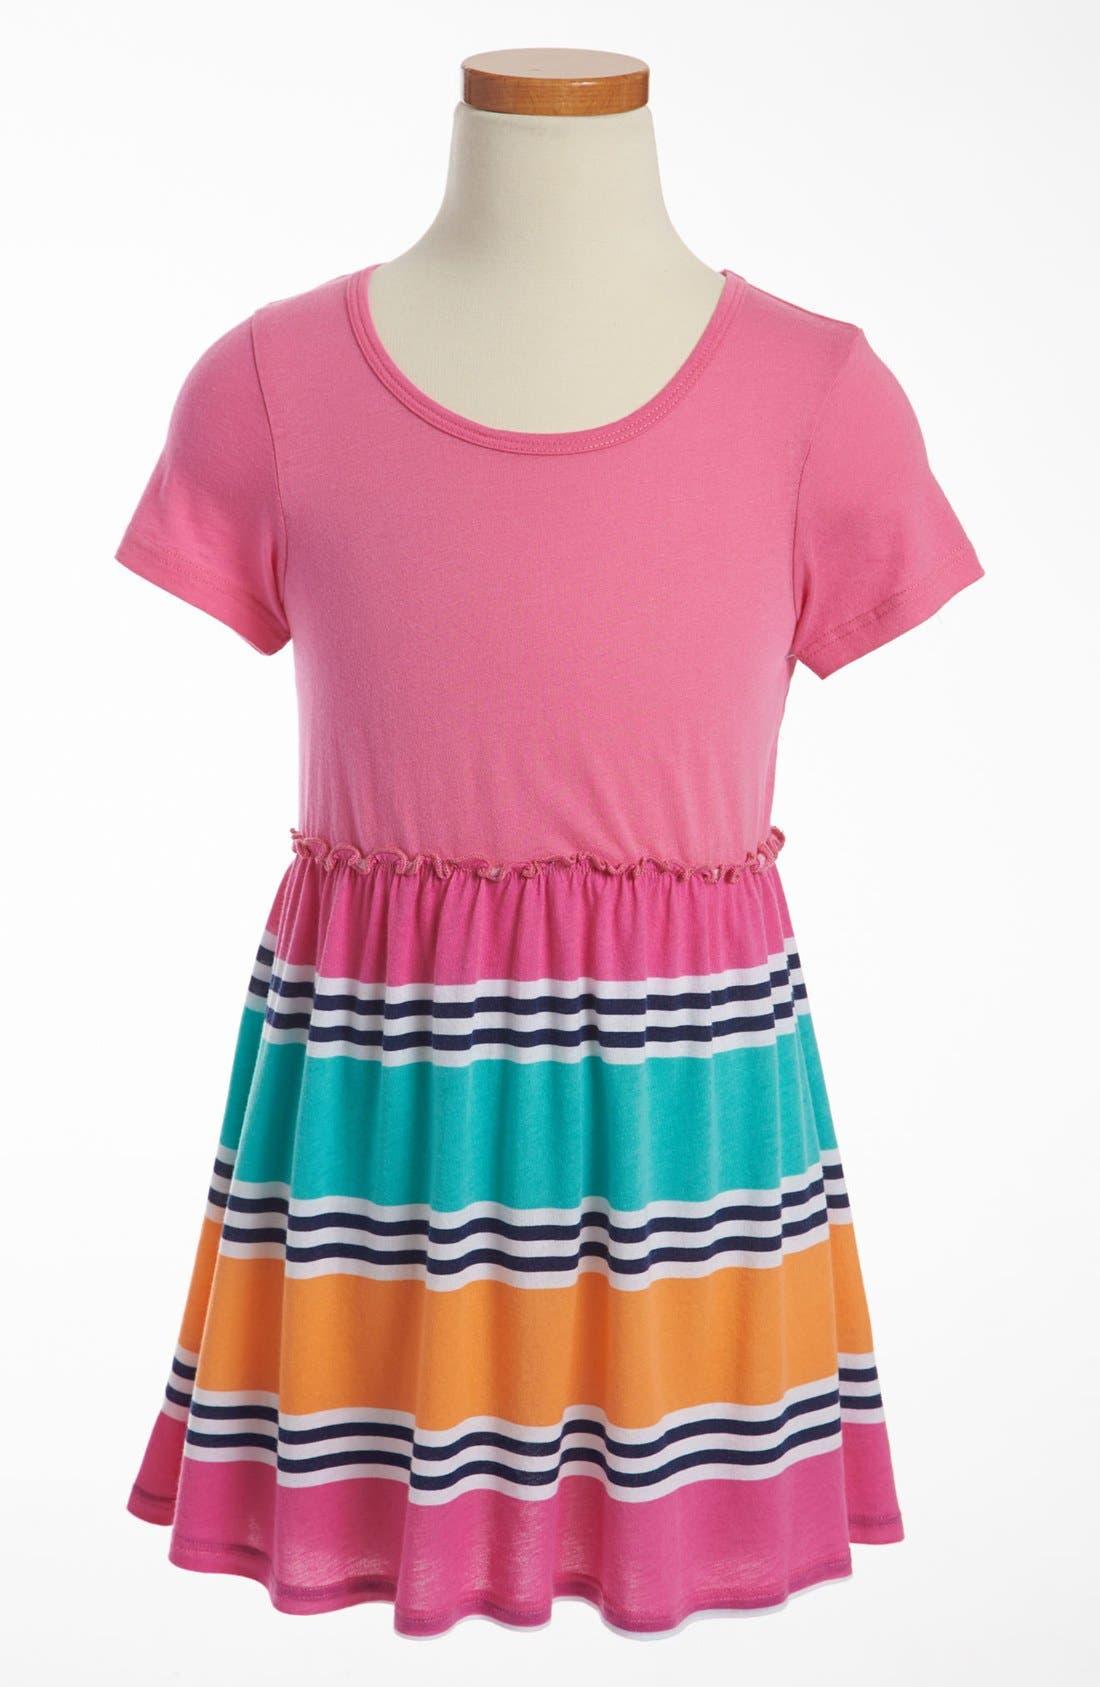 Alternate Image 1 Selected - Splendid 'Cabana Stripe' Dress (Little Girls)